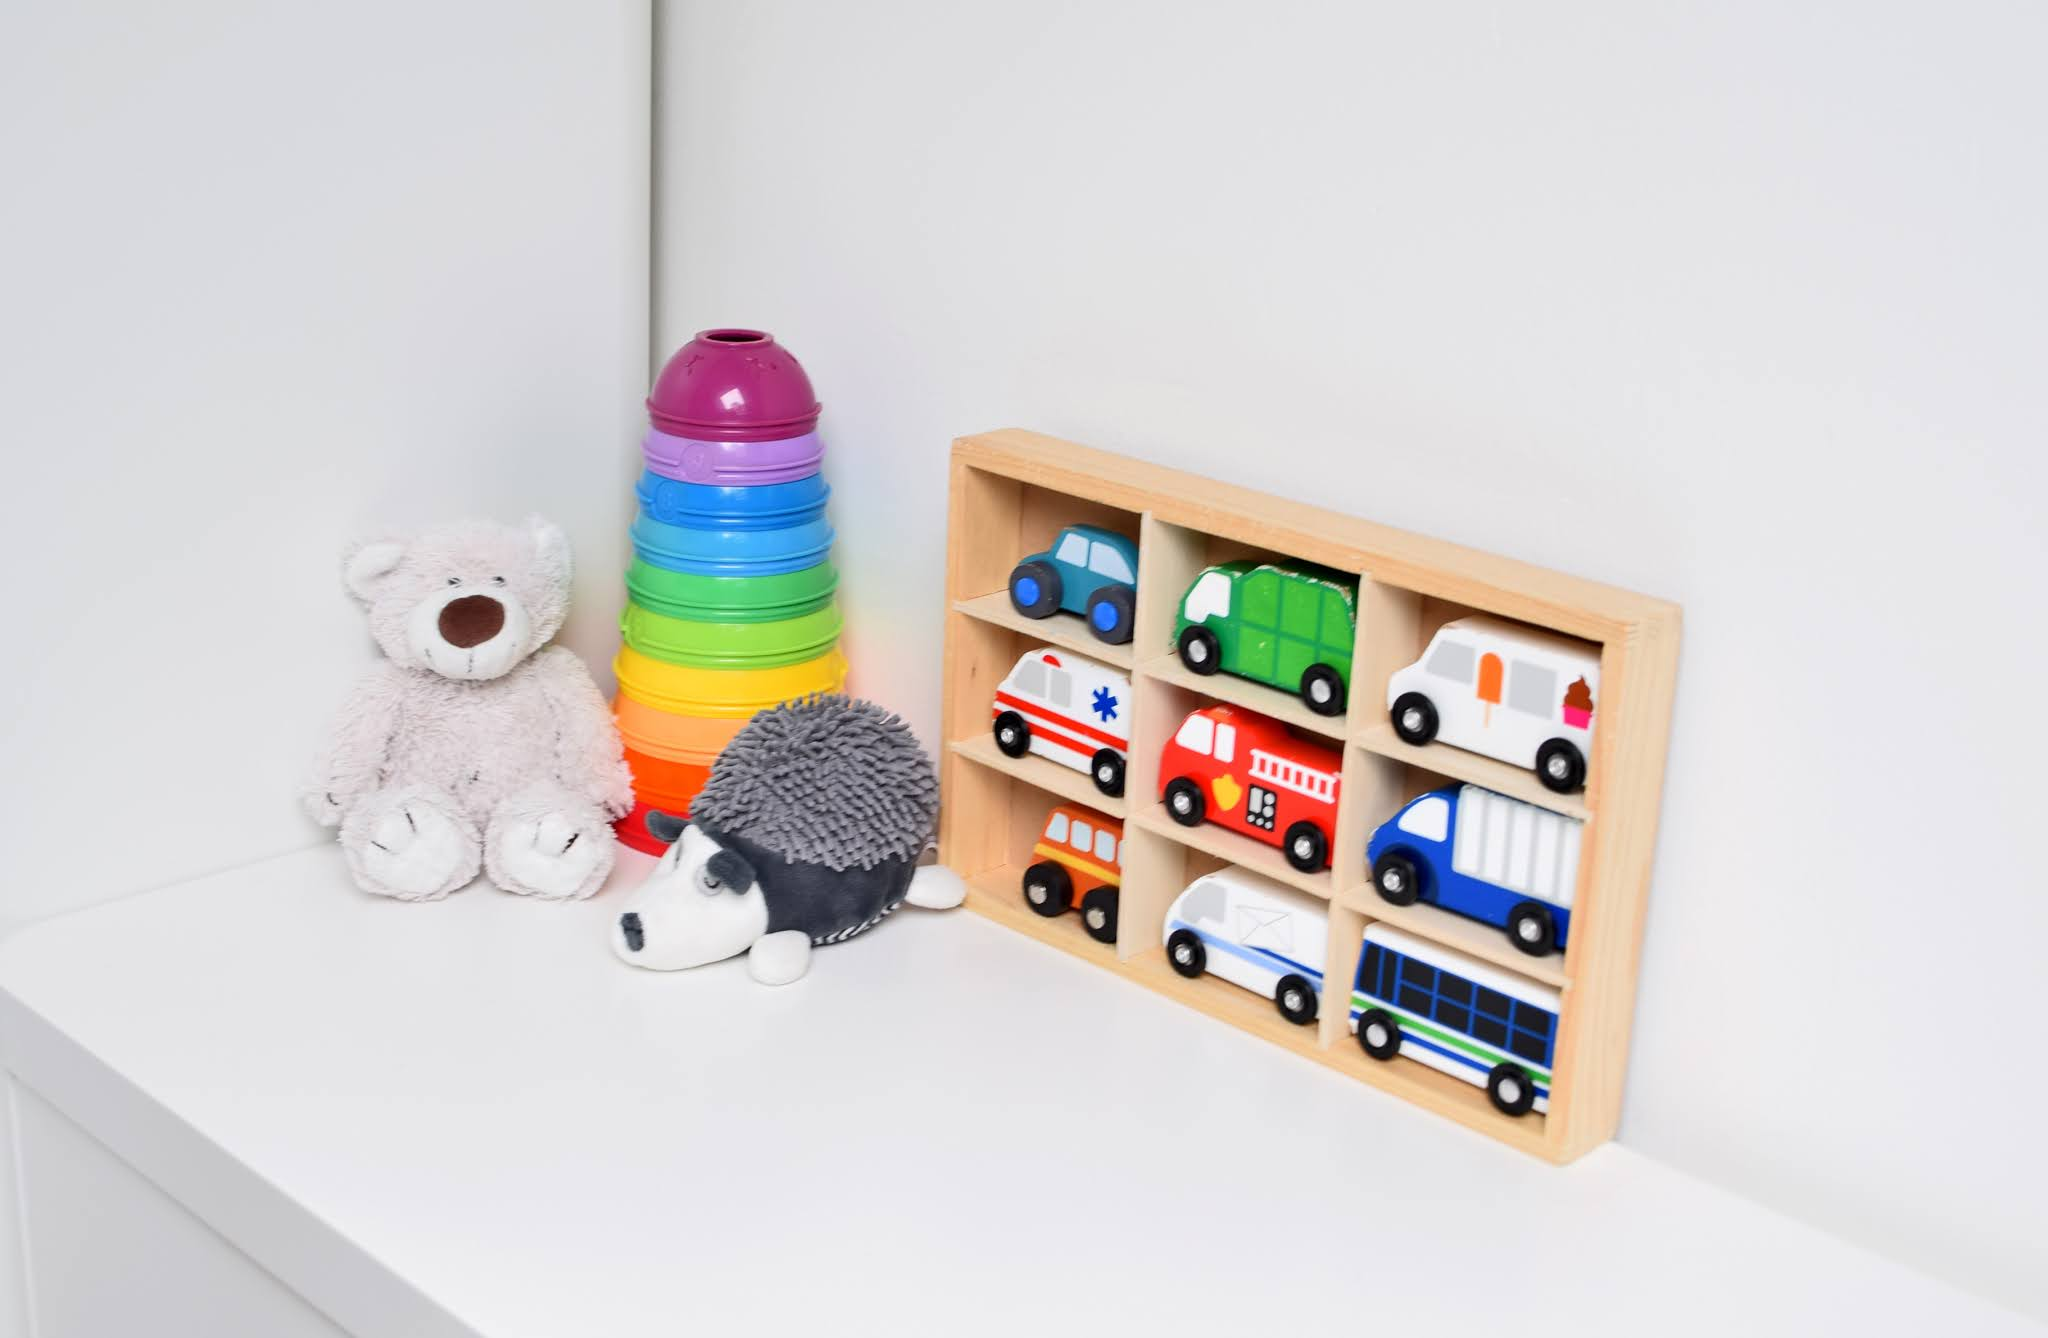 zabawki do pokoju dziecka